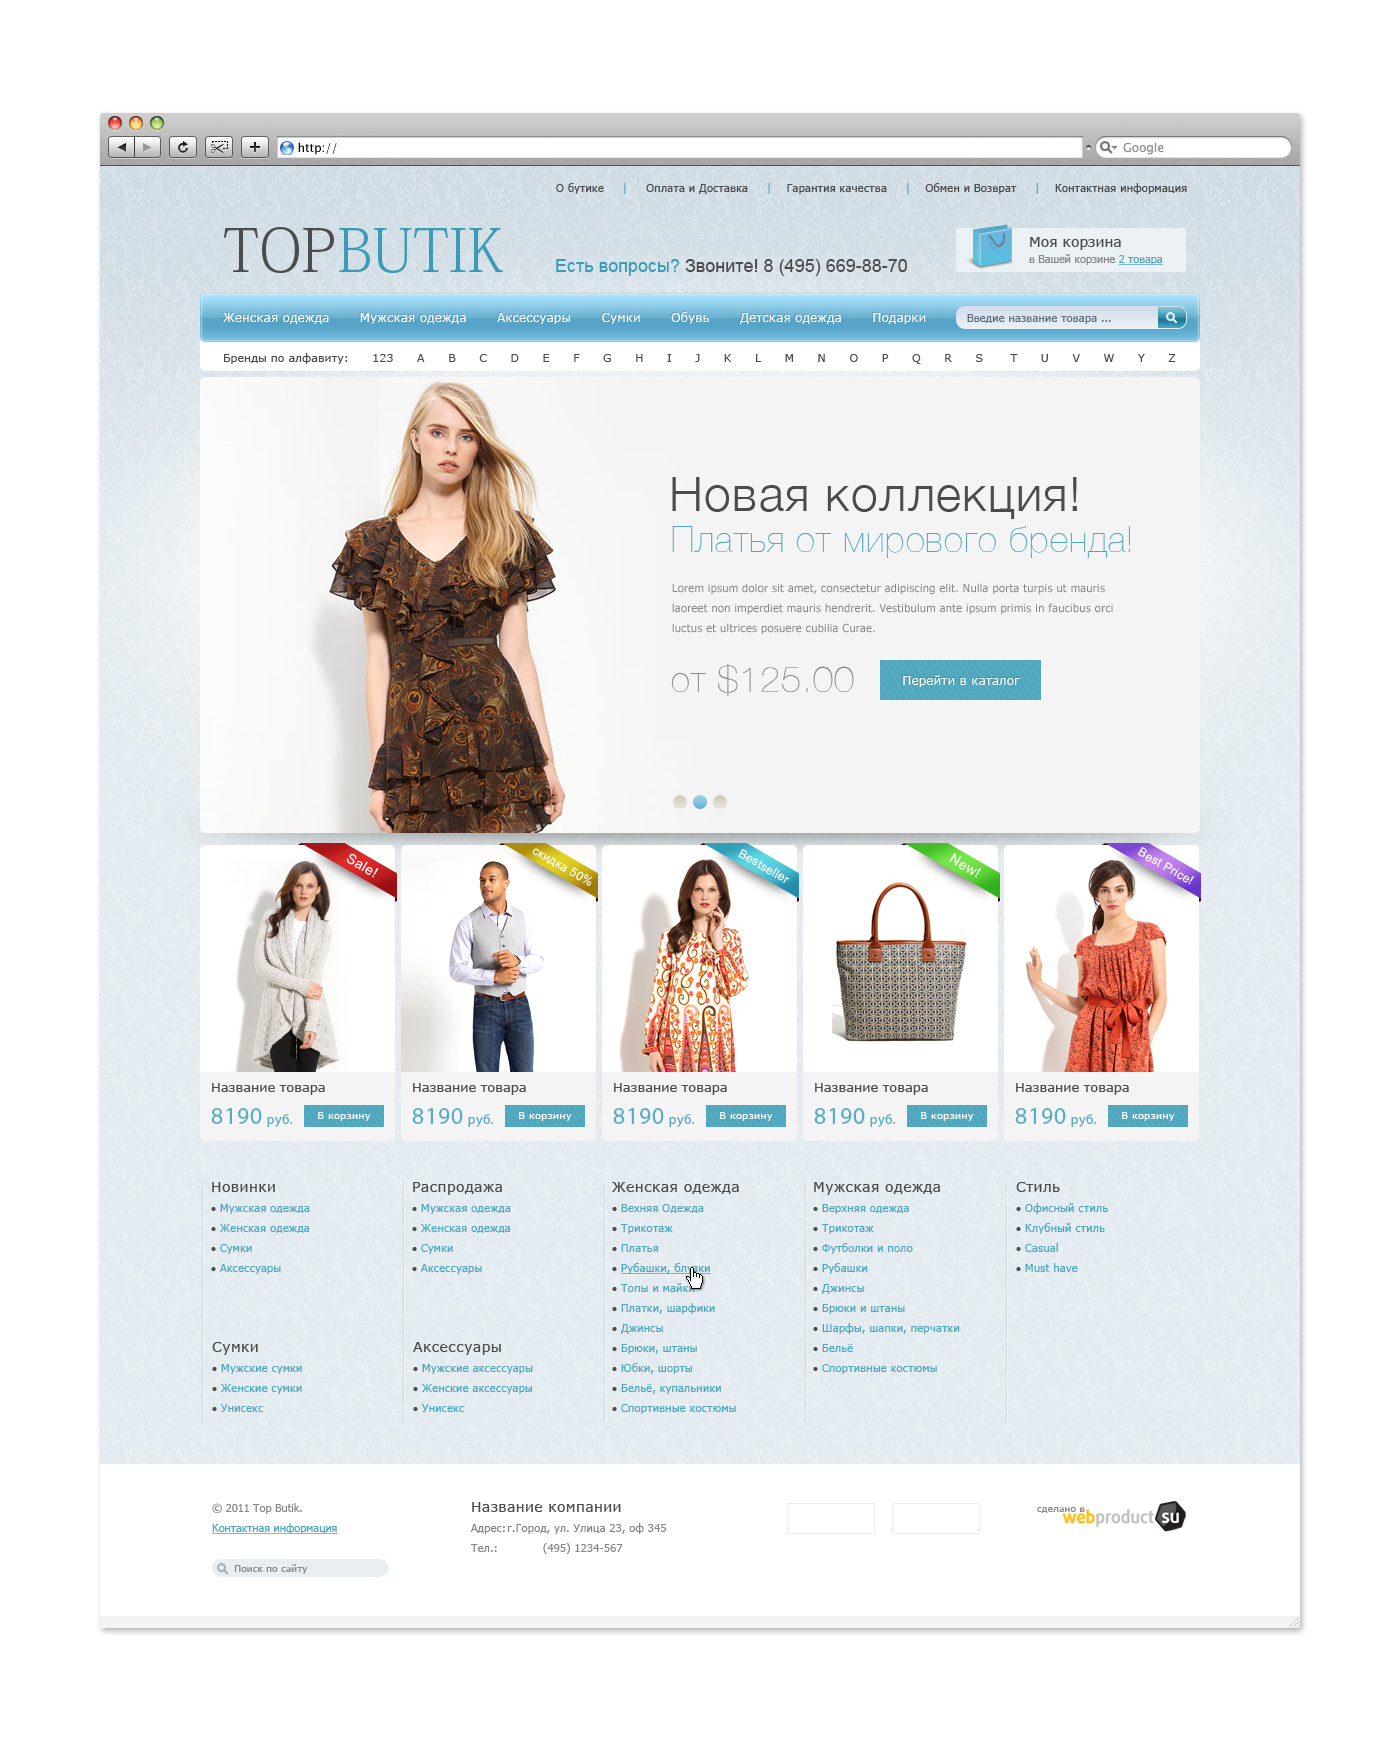 Дизайн Сайта TopButik